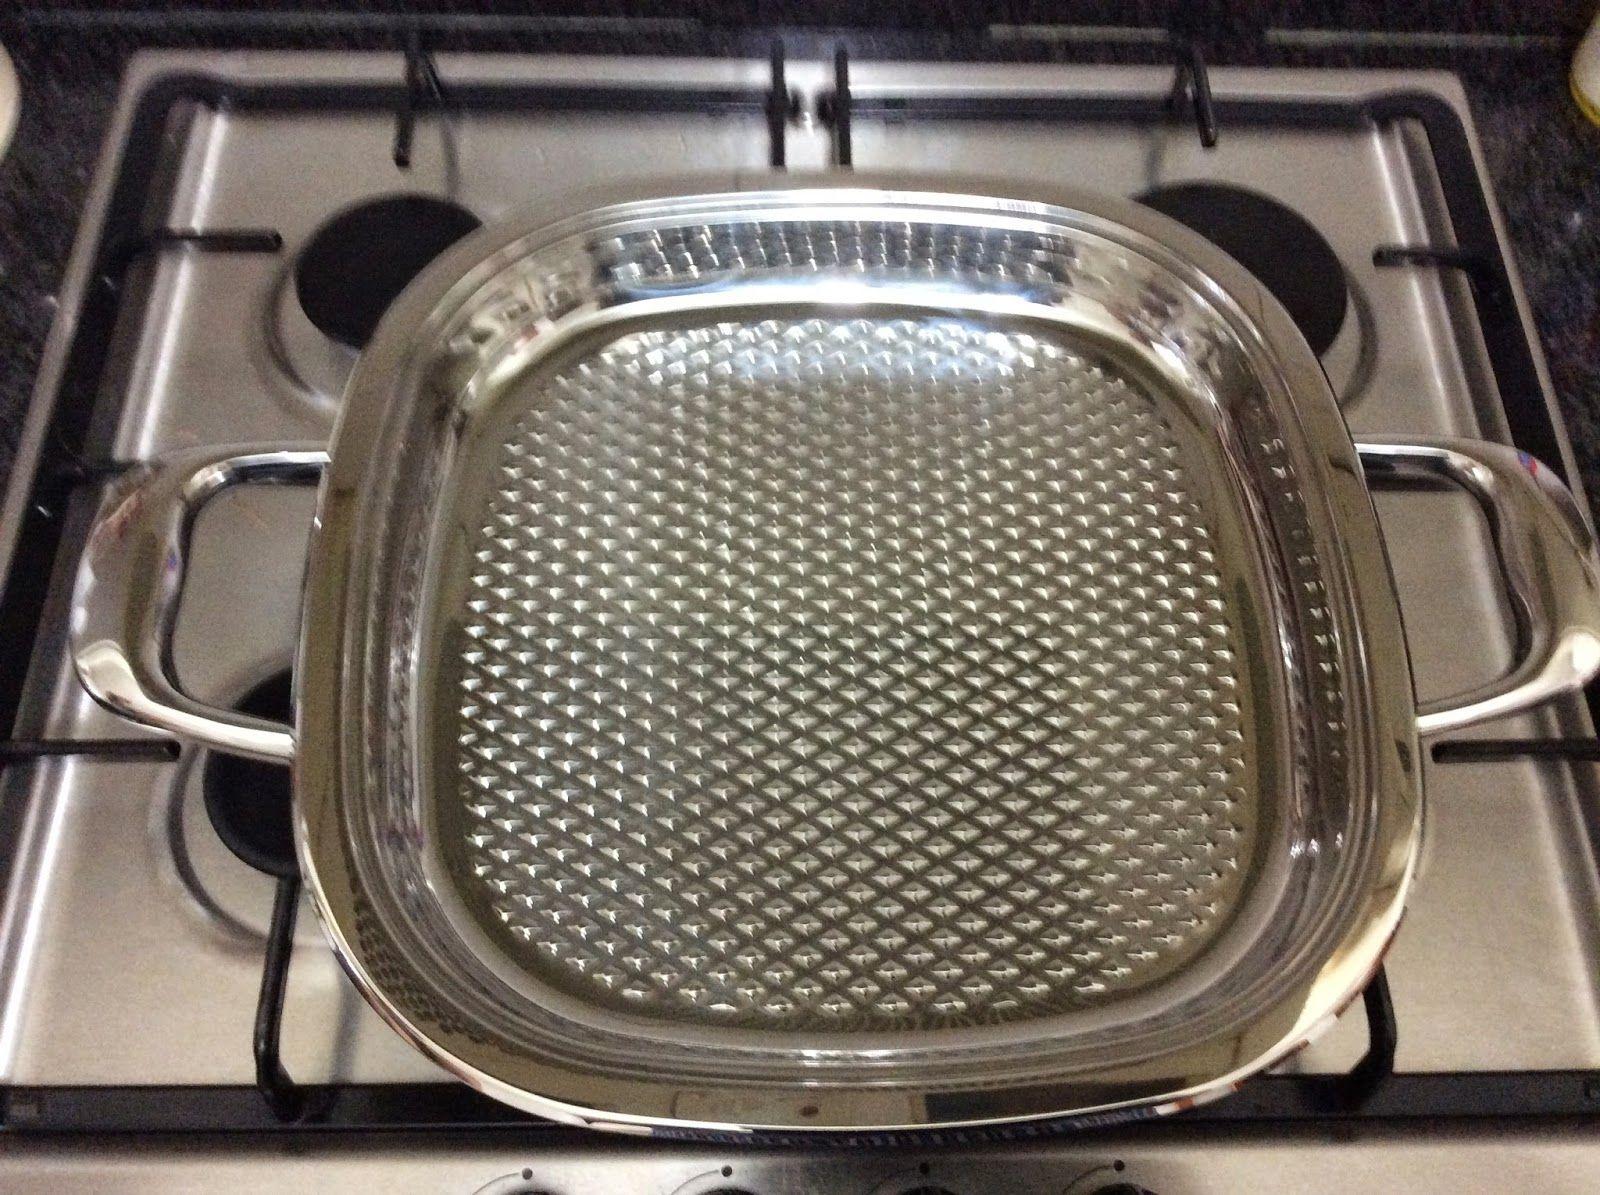 Cocina con amc pizza amc olla gm y amc pinterest recetas amc recetas y cocinas - Amc baterias de cocina ...